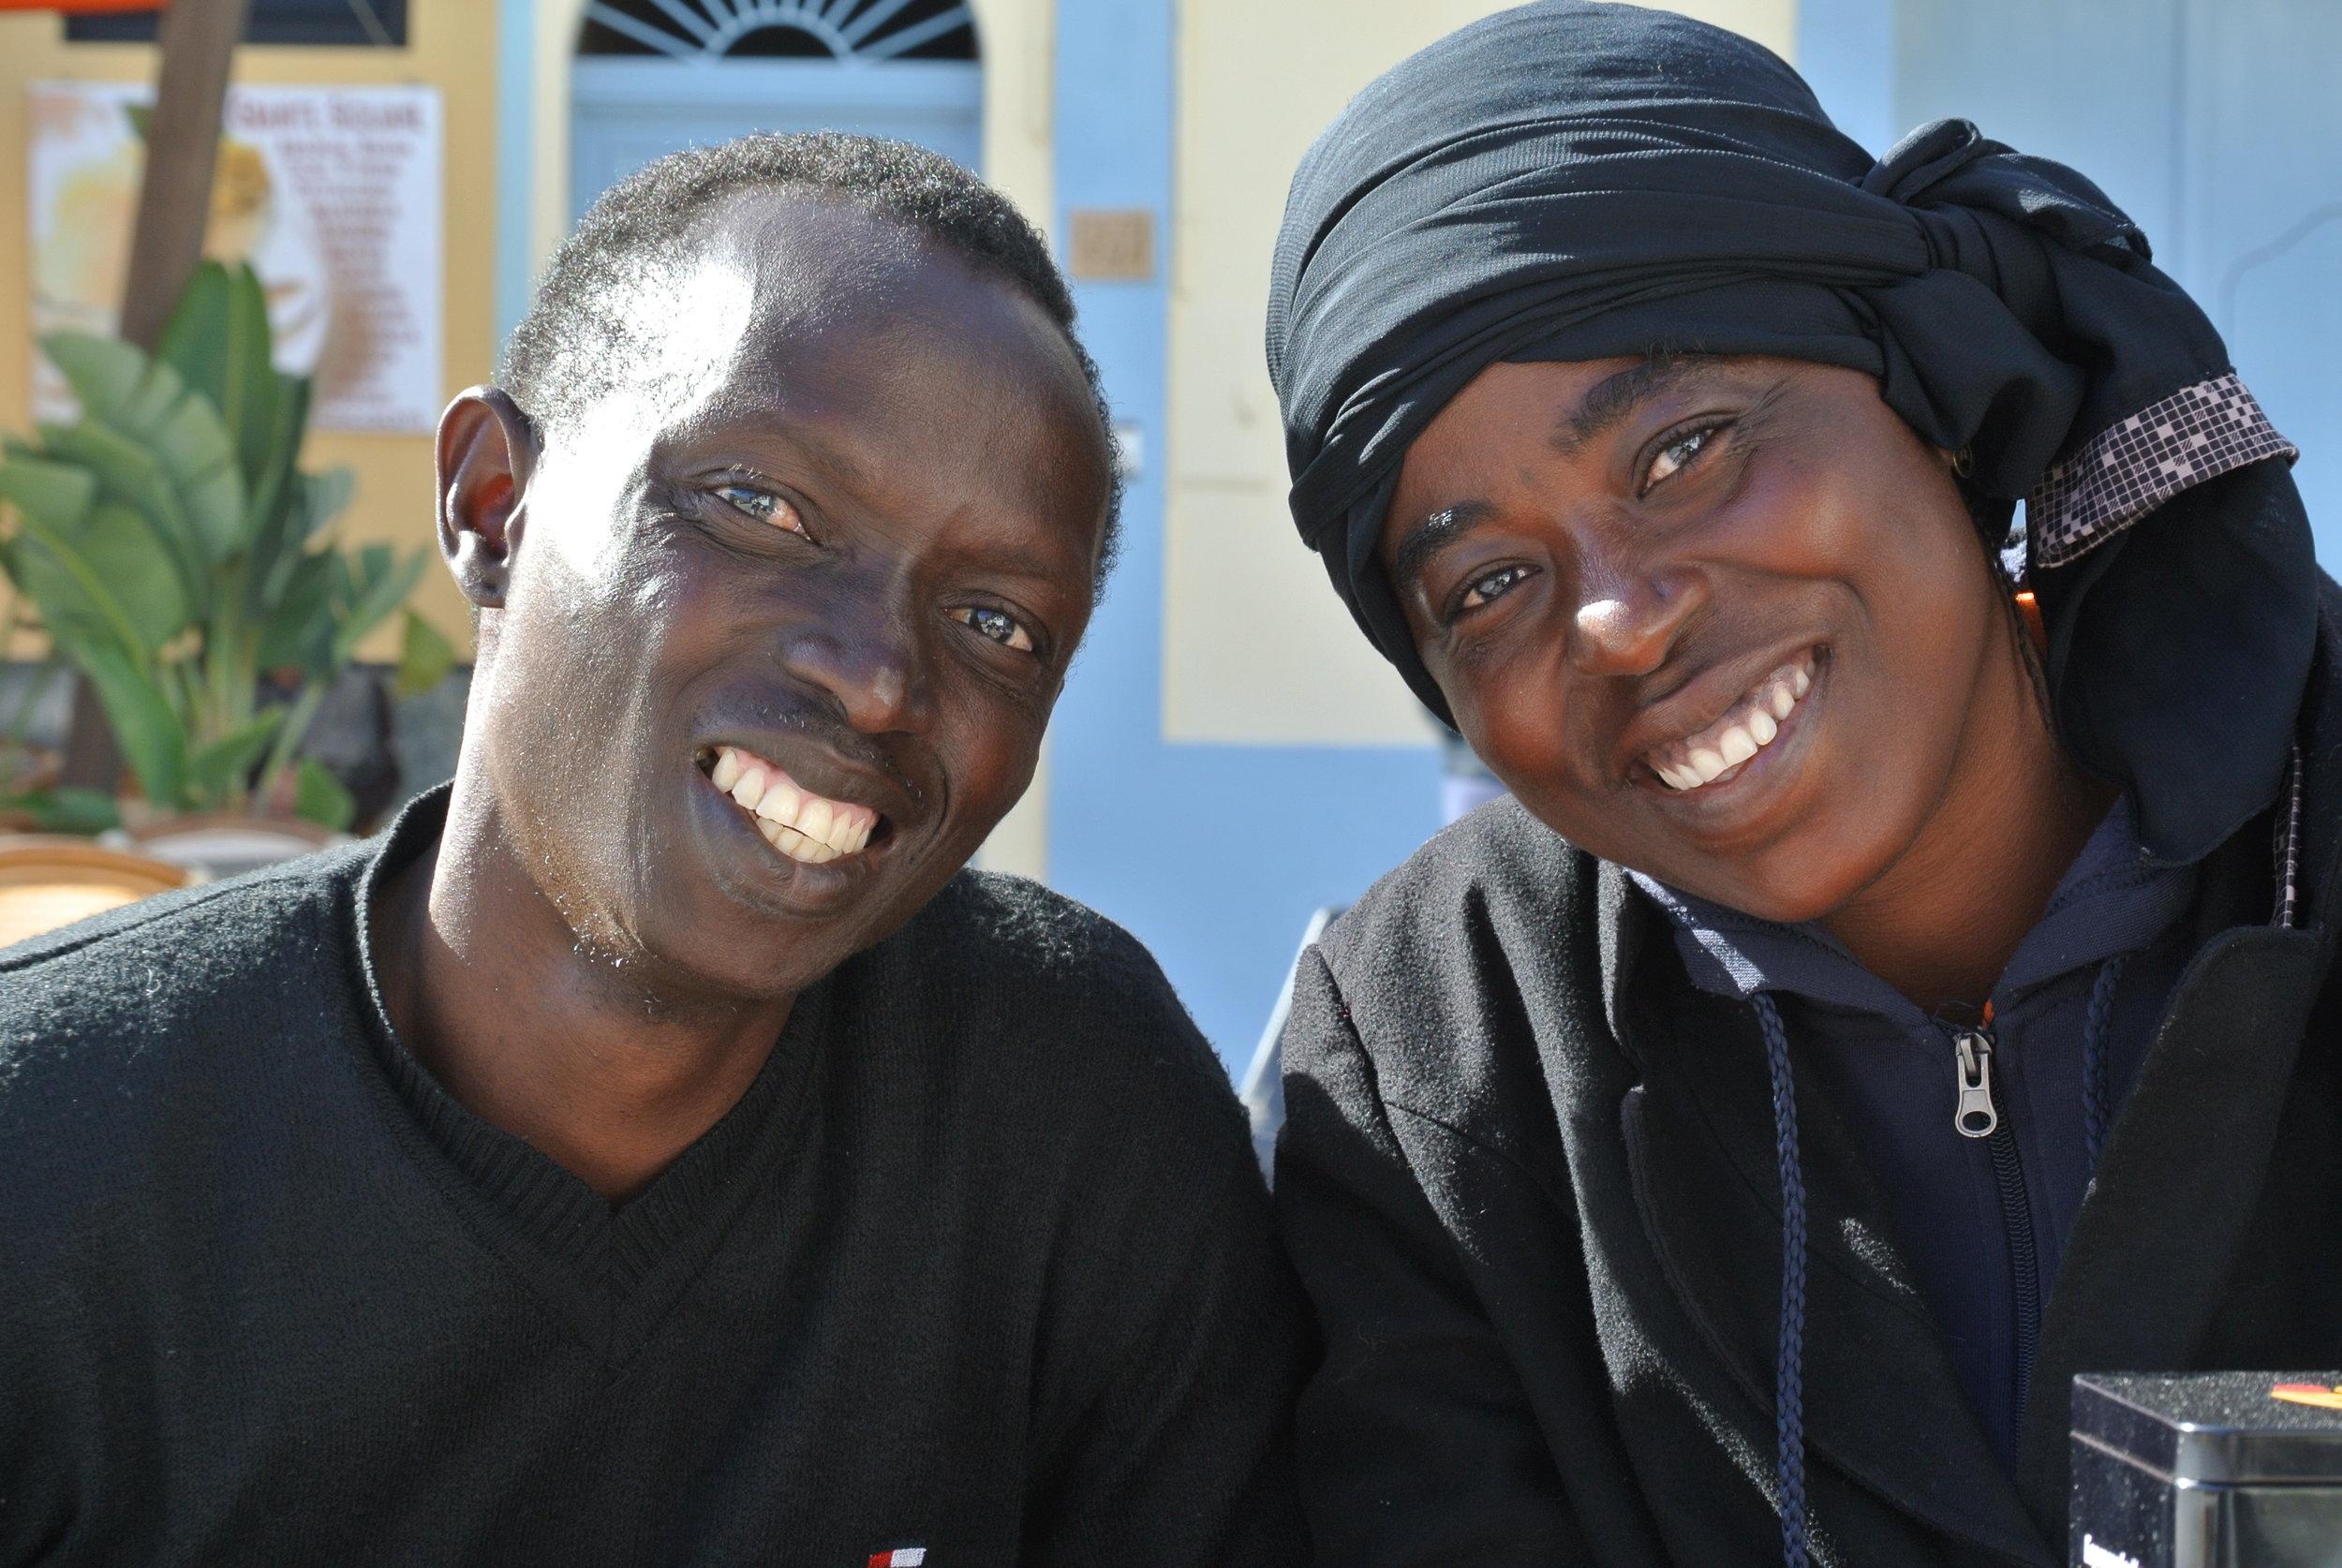 Sx-Dx: Dauda e Mary sull'isola di Lampedusa dopo il salvataggio nel Mediterraneo. Lampedusa, Italia. Aprile 2017. ©Pamela Kerpius